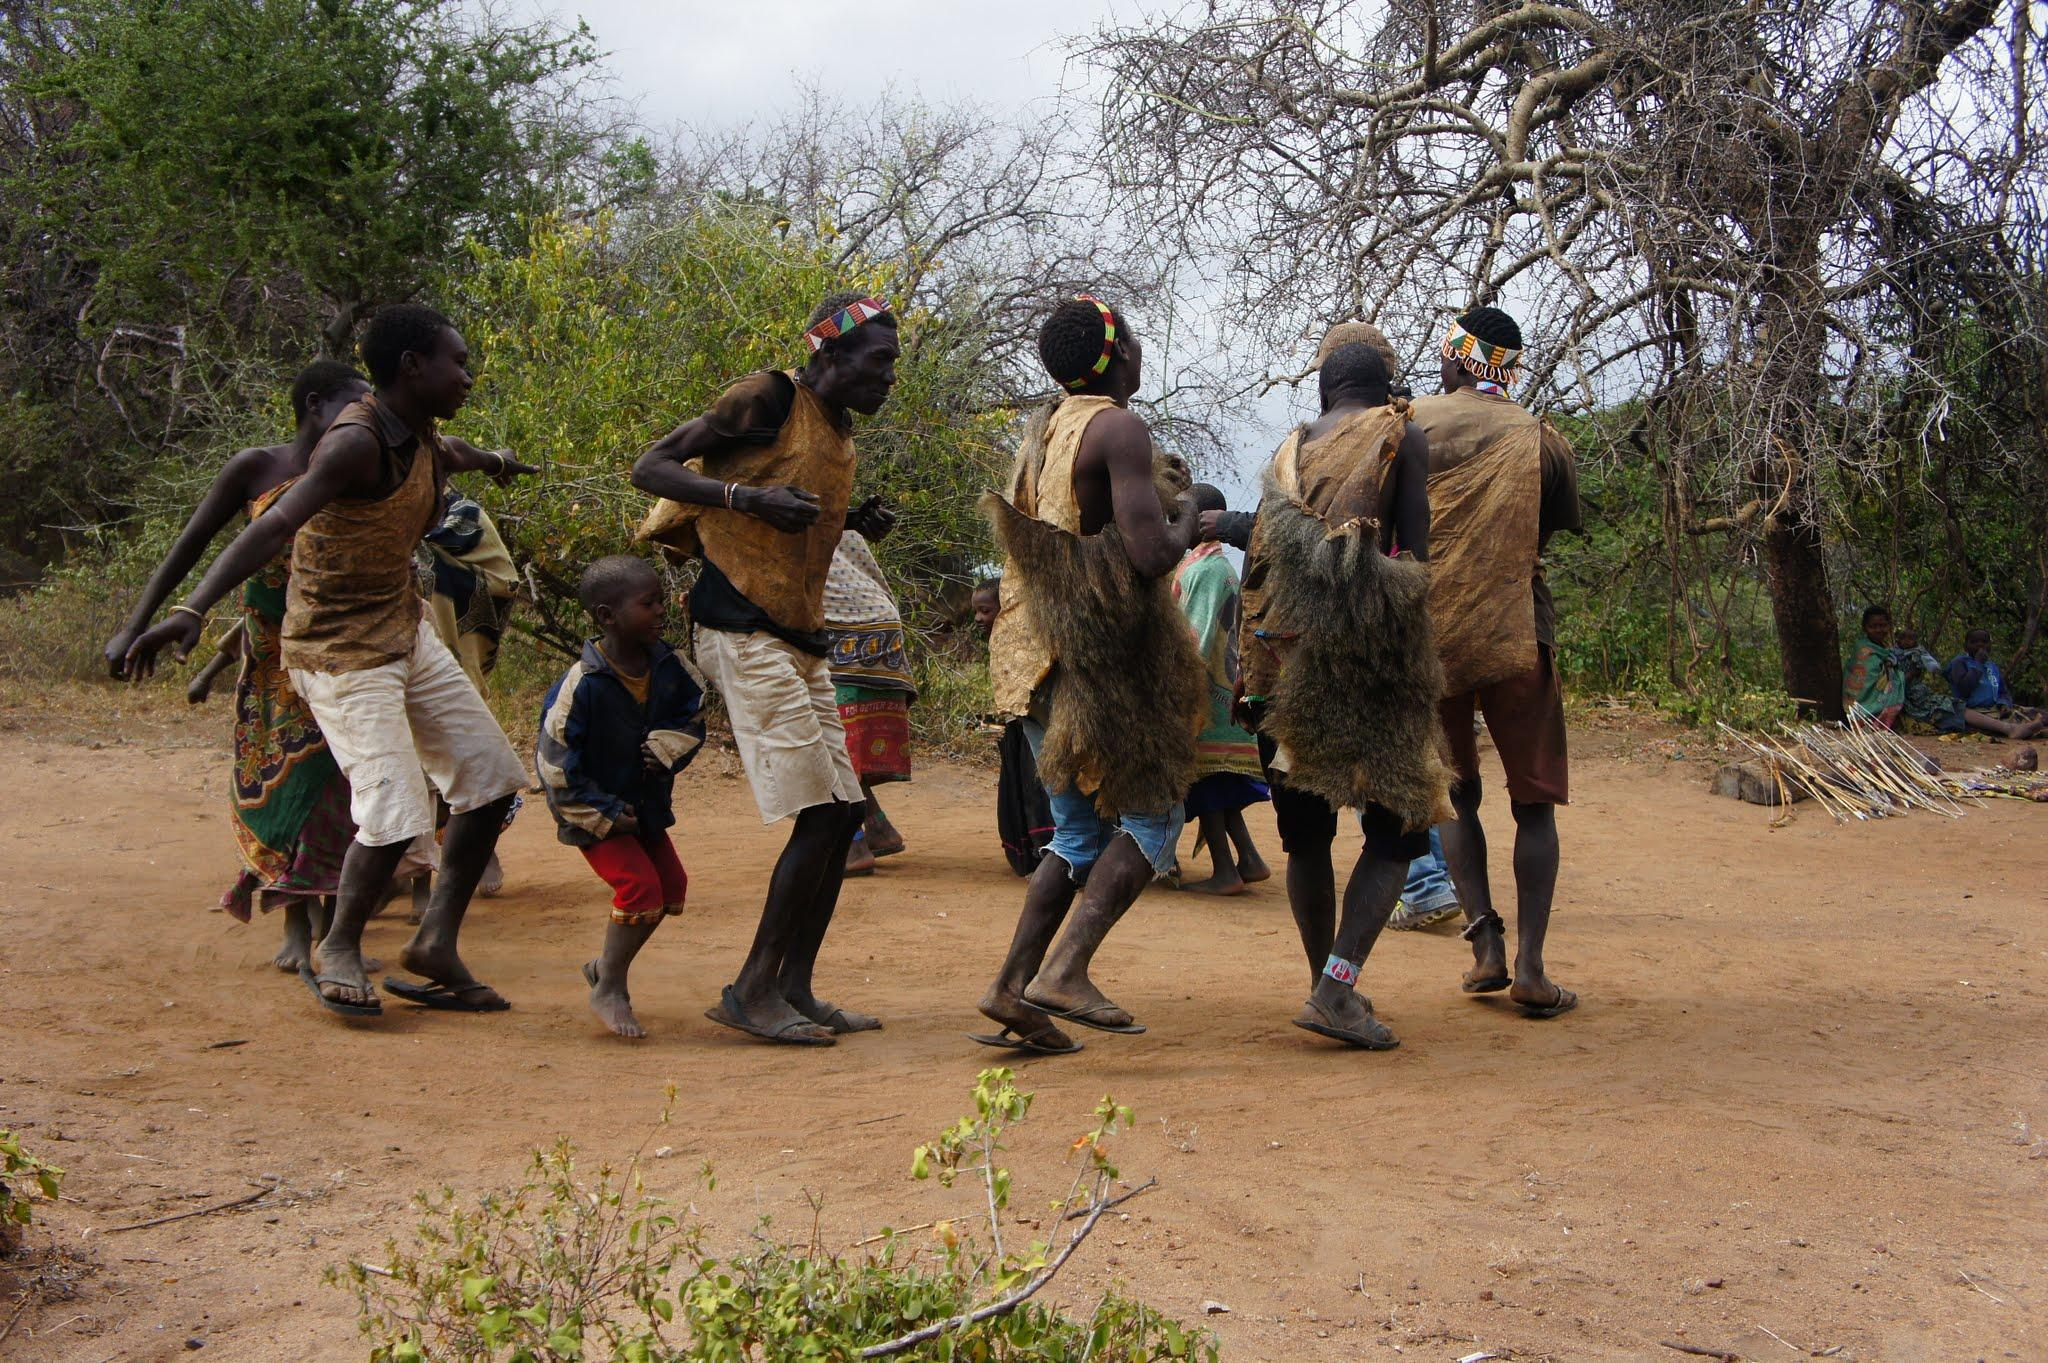 Ученые отыскали племя, которое может заменить разговорную речь боем барабана